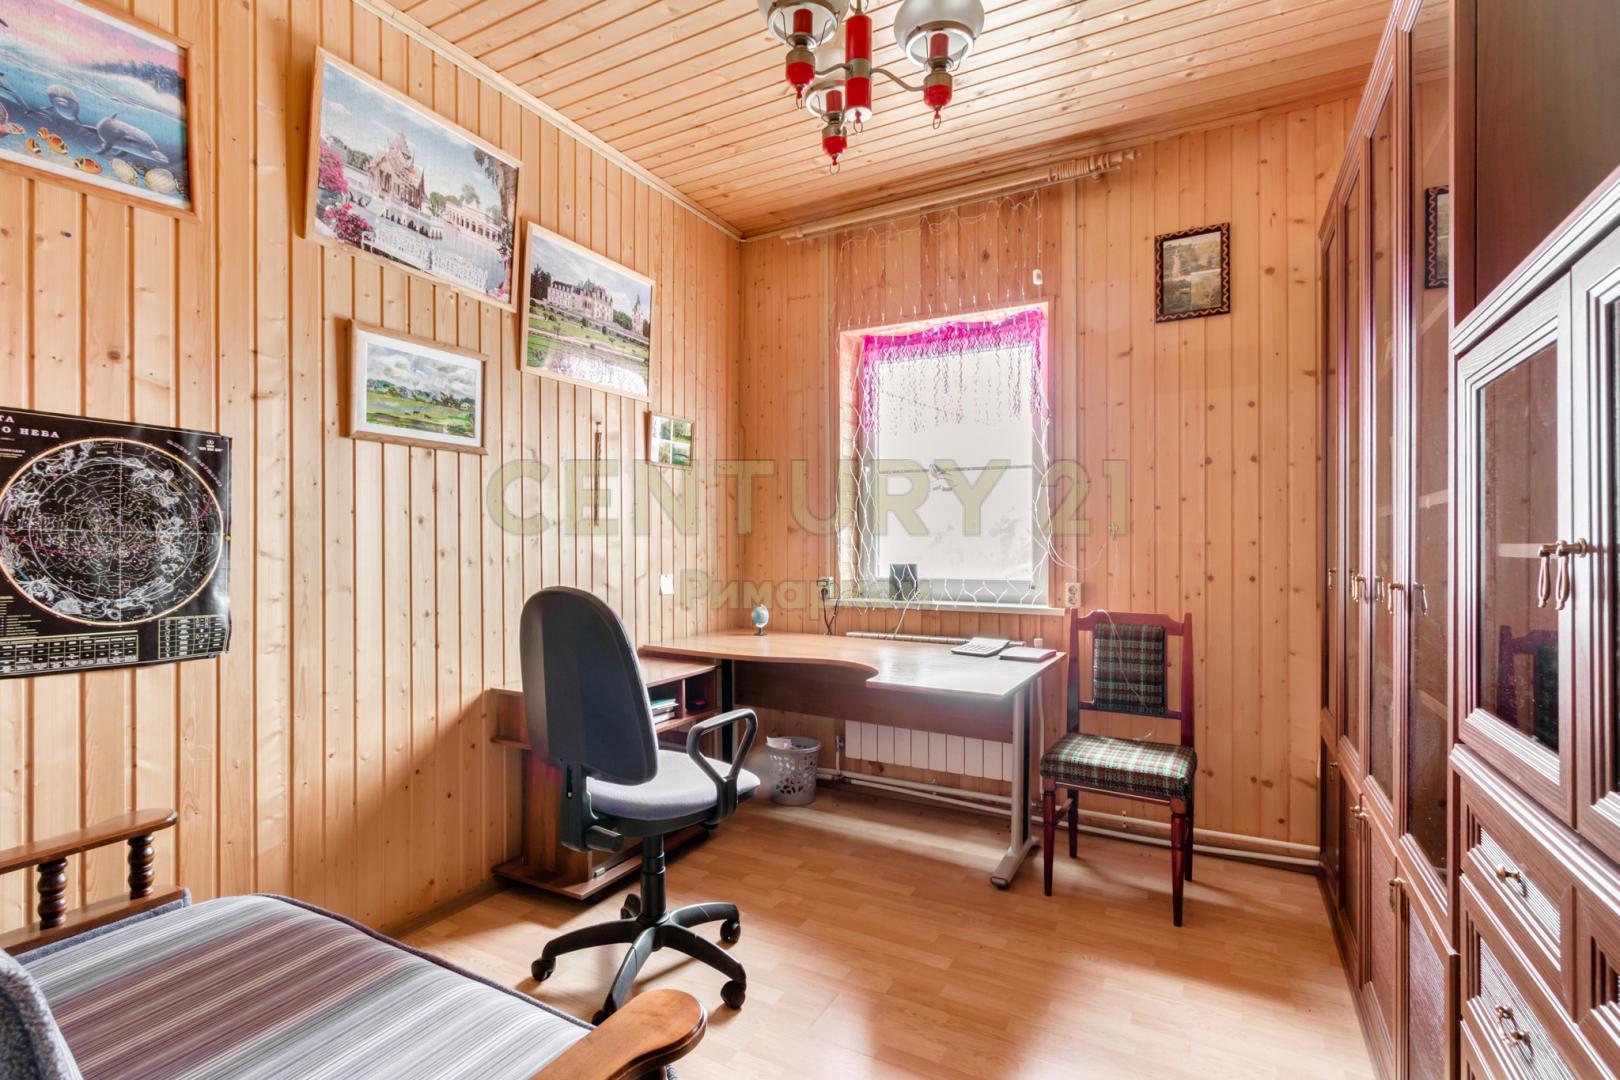 Продам дом по адресу Россия, Троицкий административный округ, Каменка фото 15 по выгодной цене